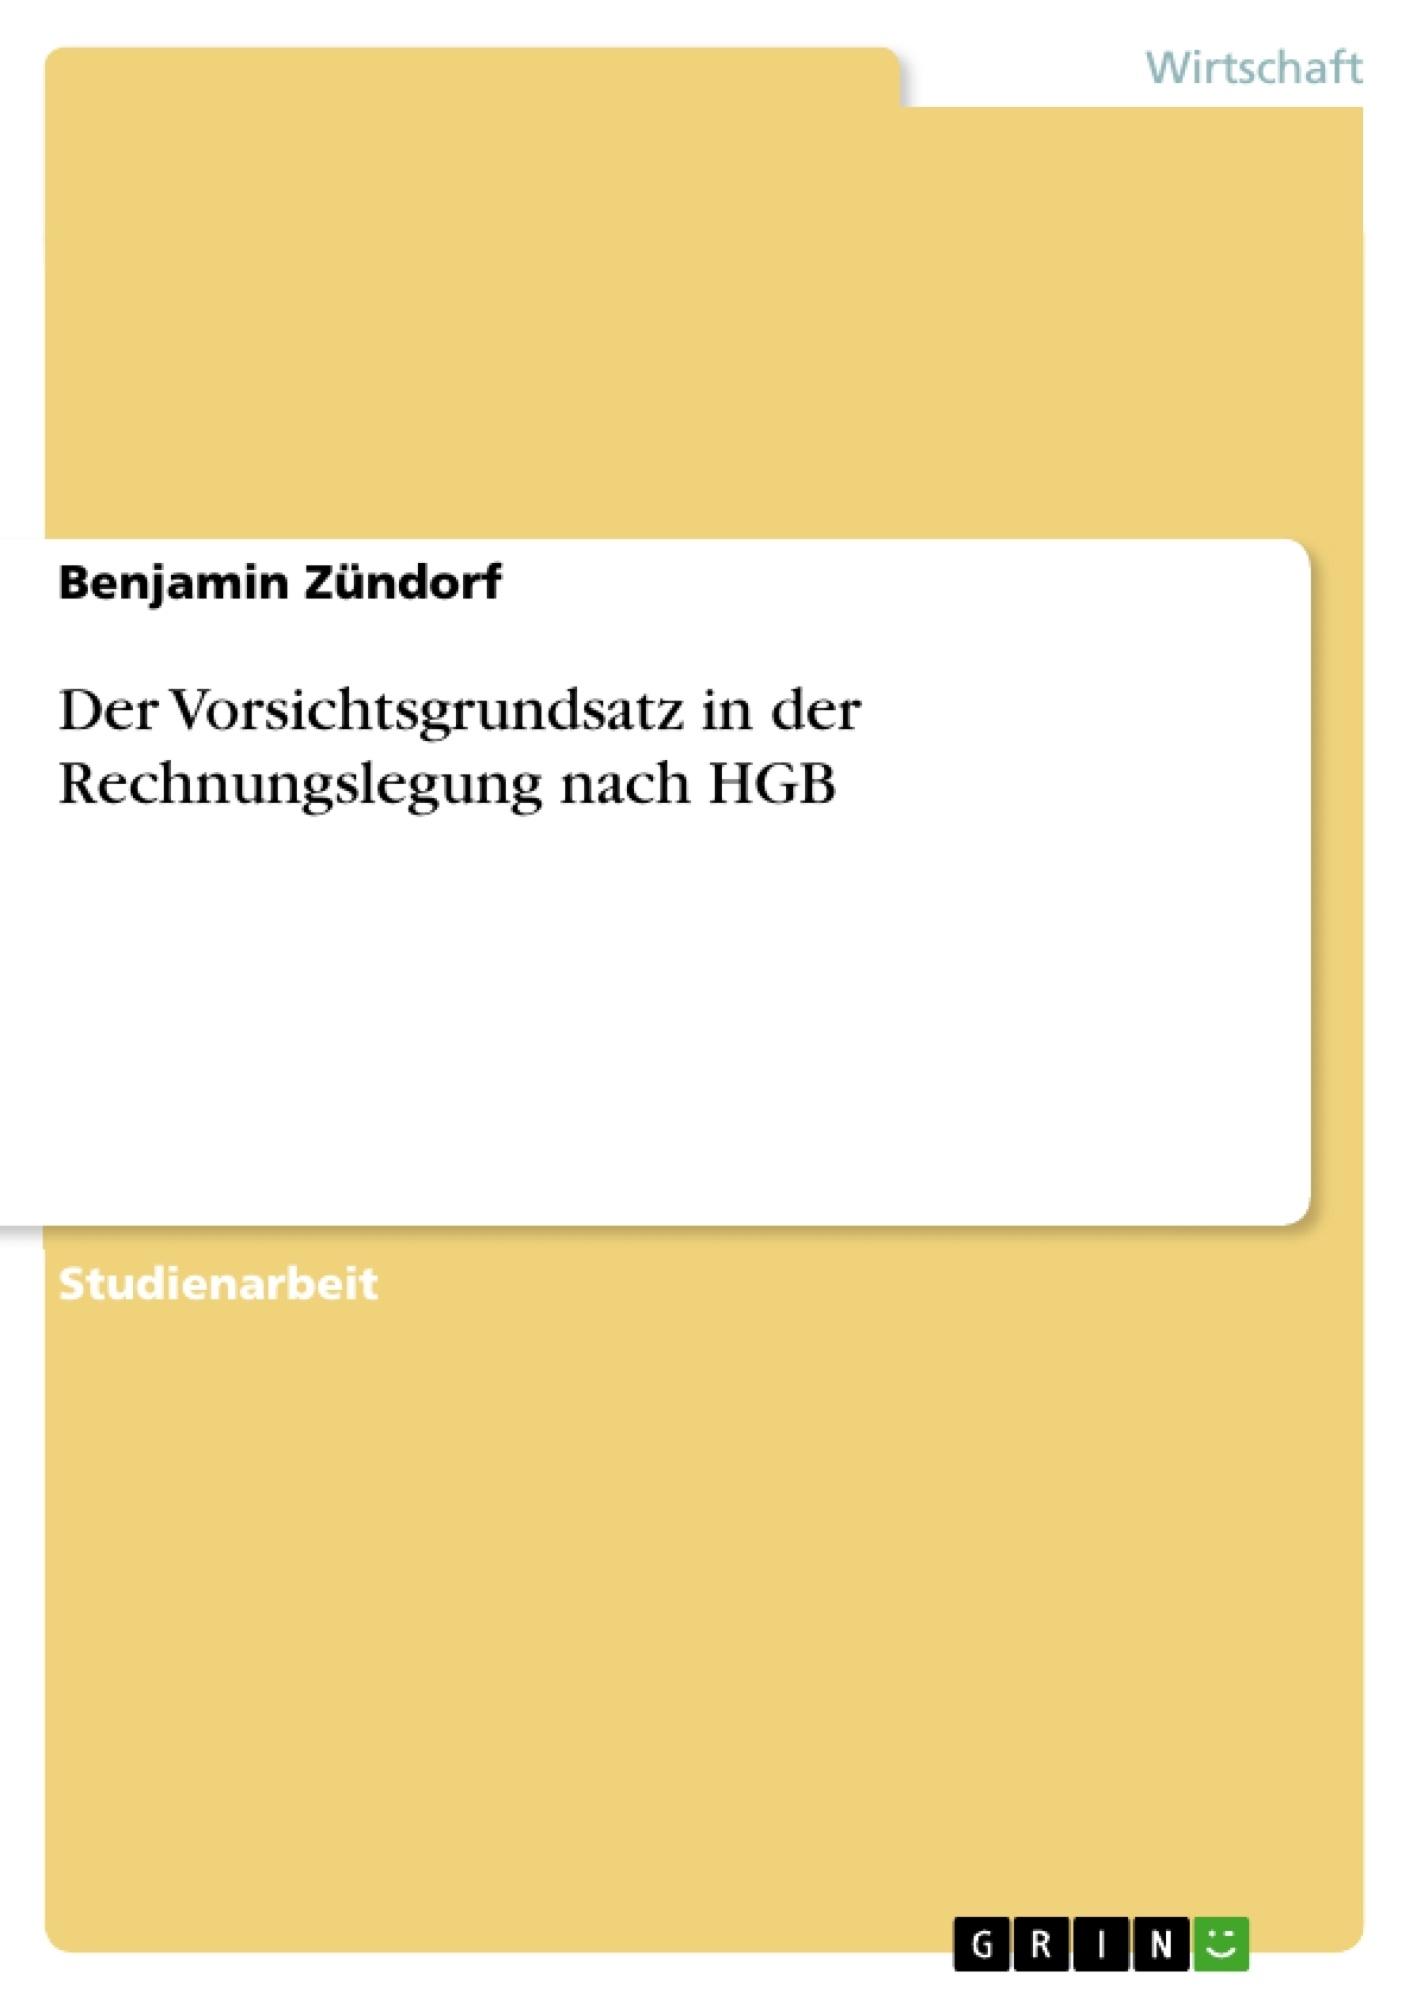 Titel: Der Vorsichtsgrundsatz in der Rechnungslegung nach HGB